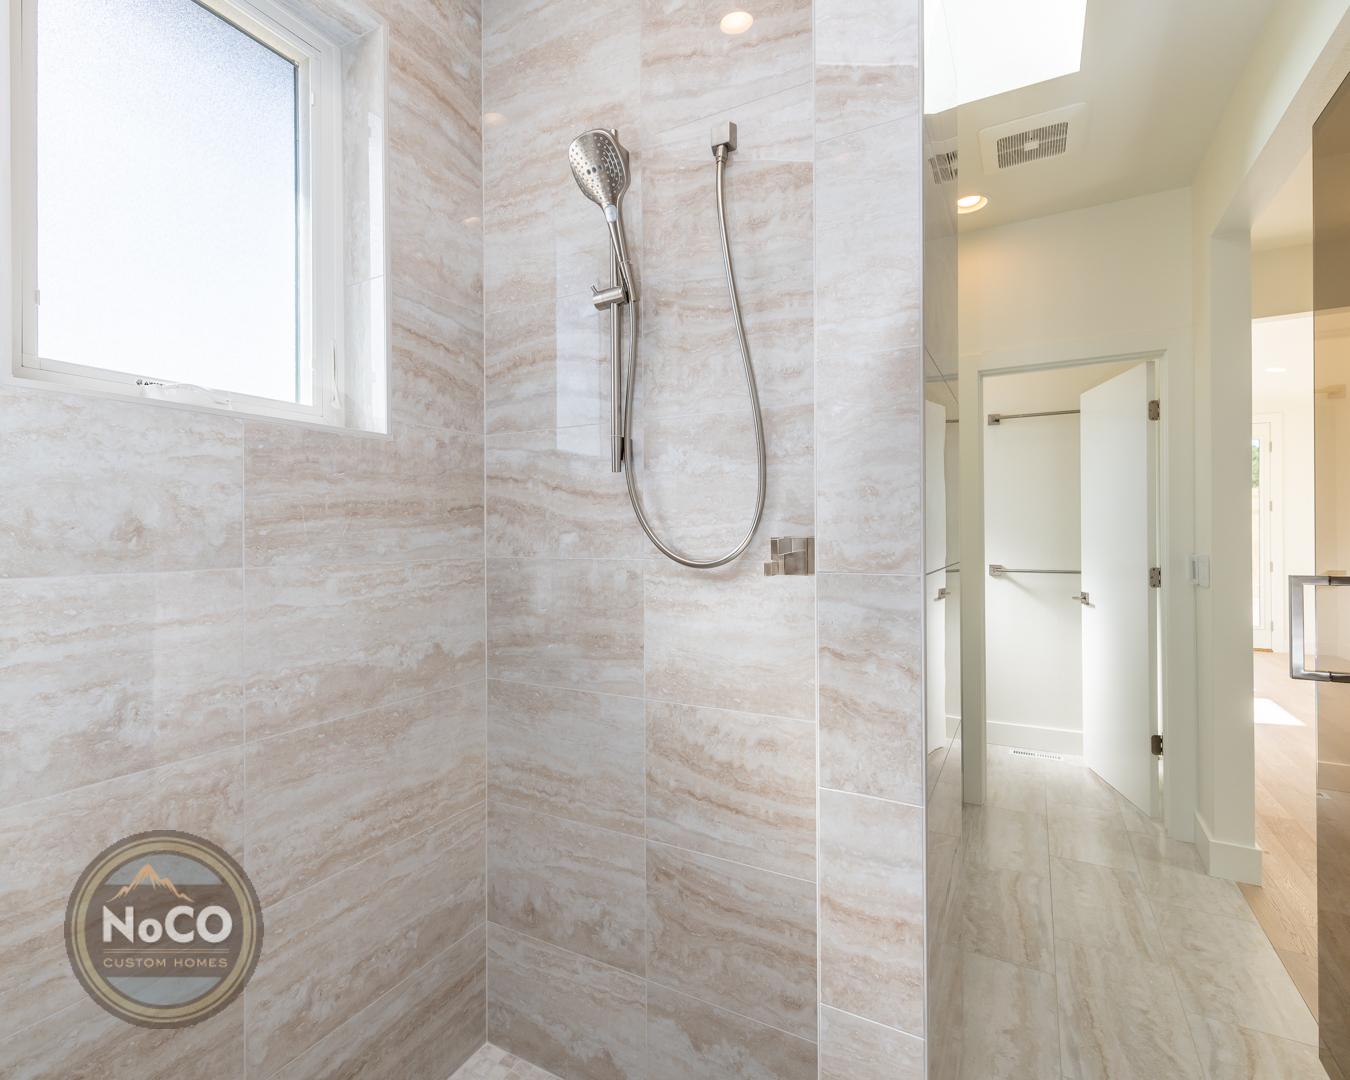 colorado custom home shower